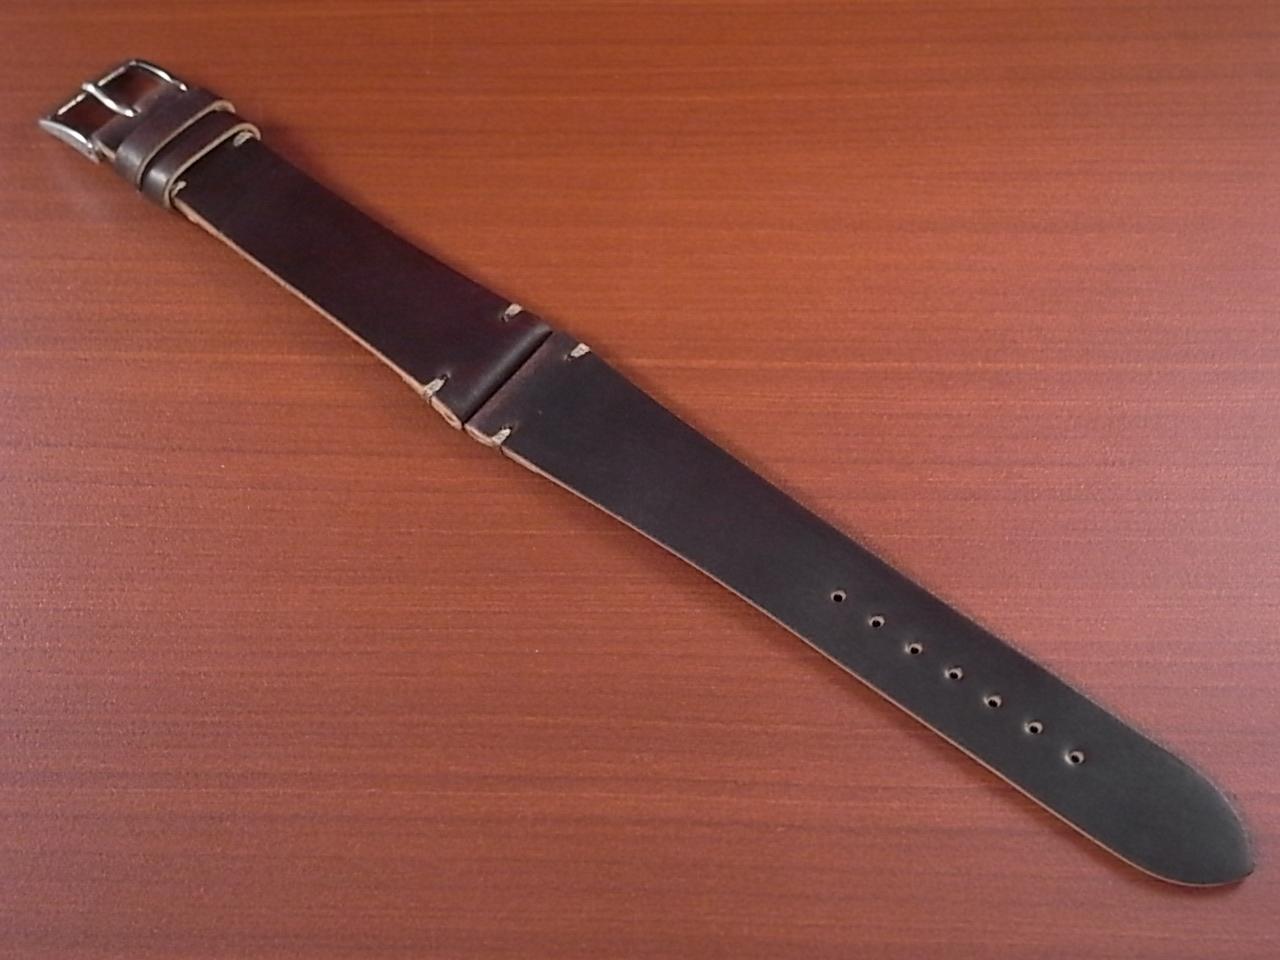 ホーウィン コードバン レギュラーA バーガンディ 20mmのメイン写真